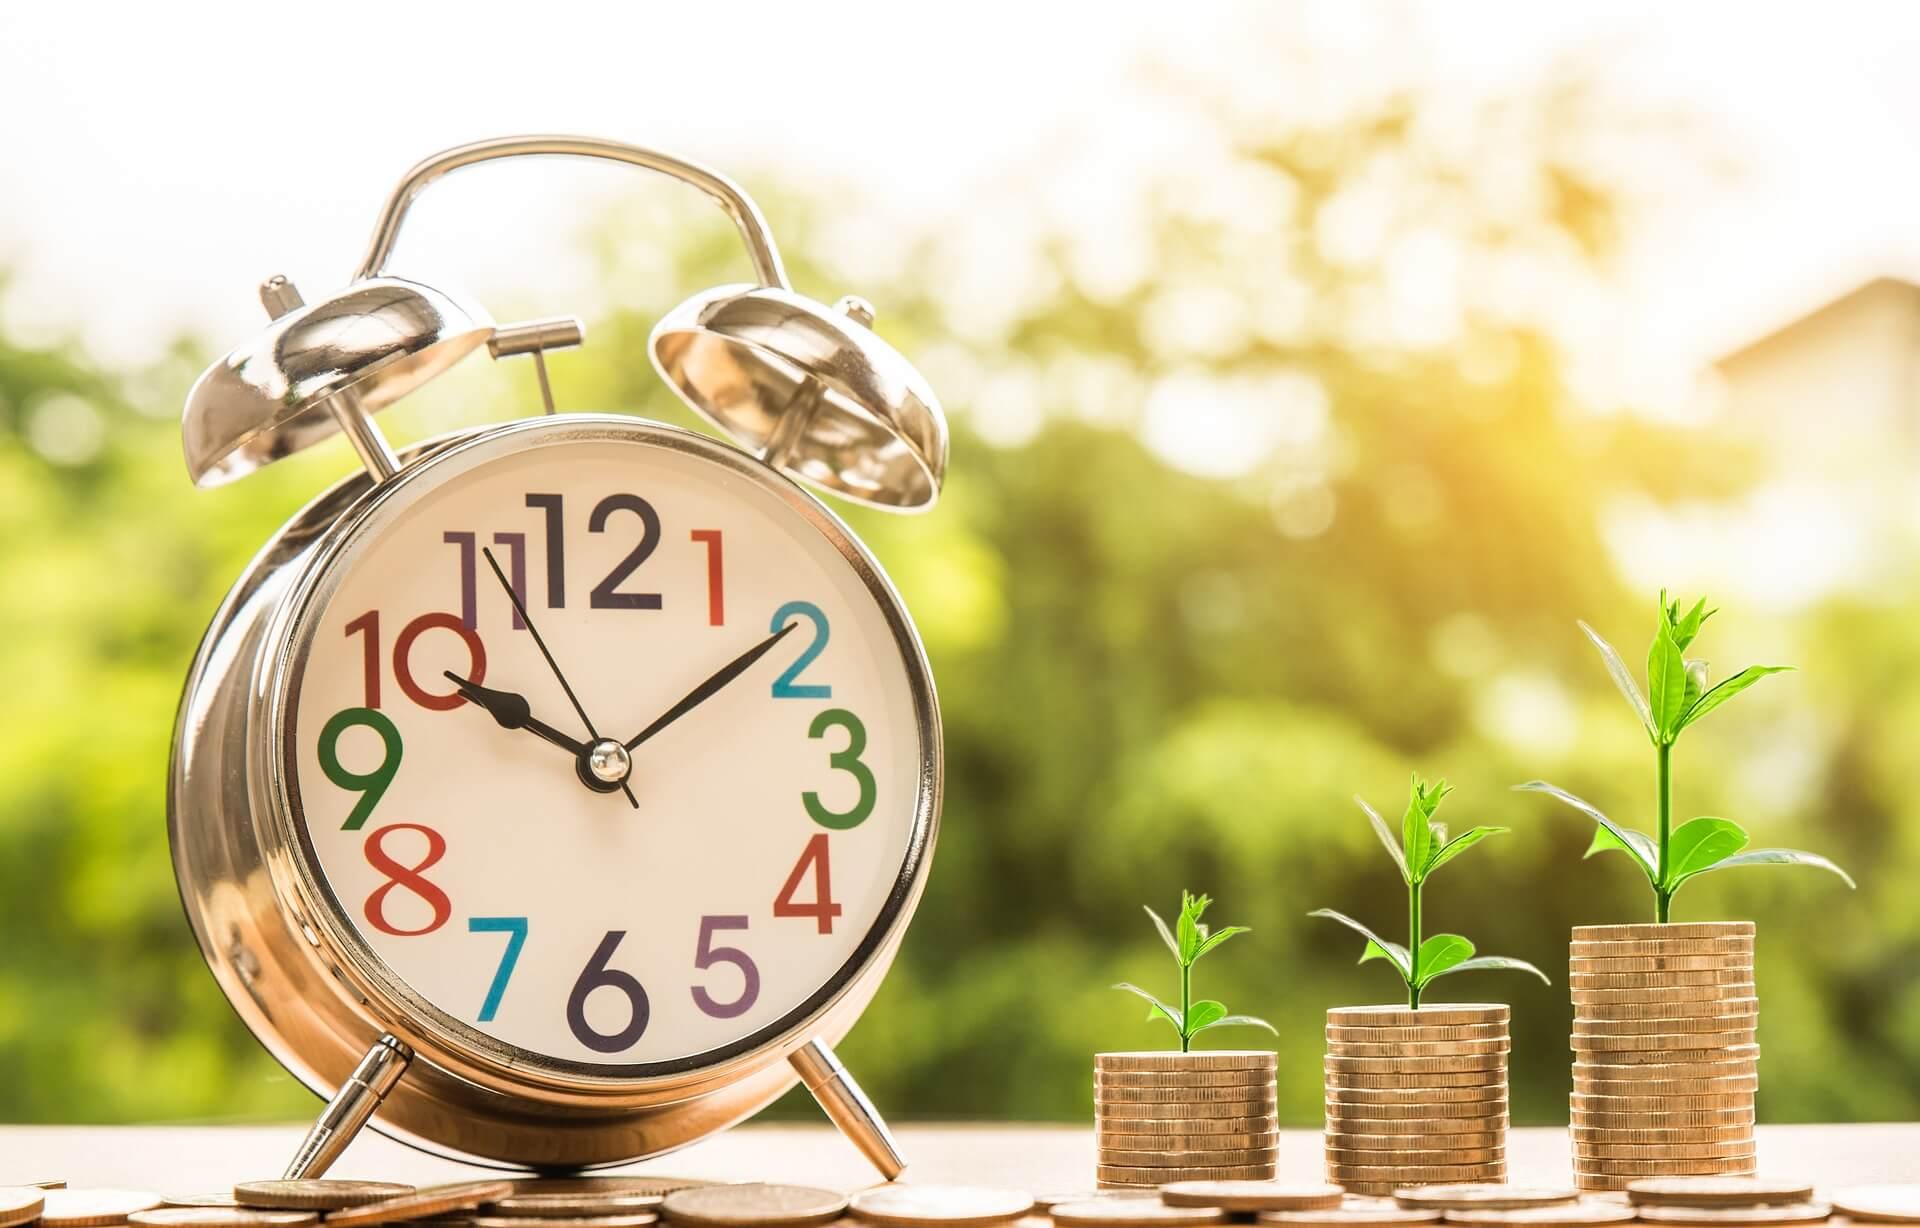 שיטות להנהלת החשבון העסקי בצורה תקינה